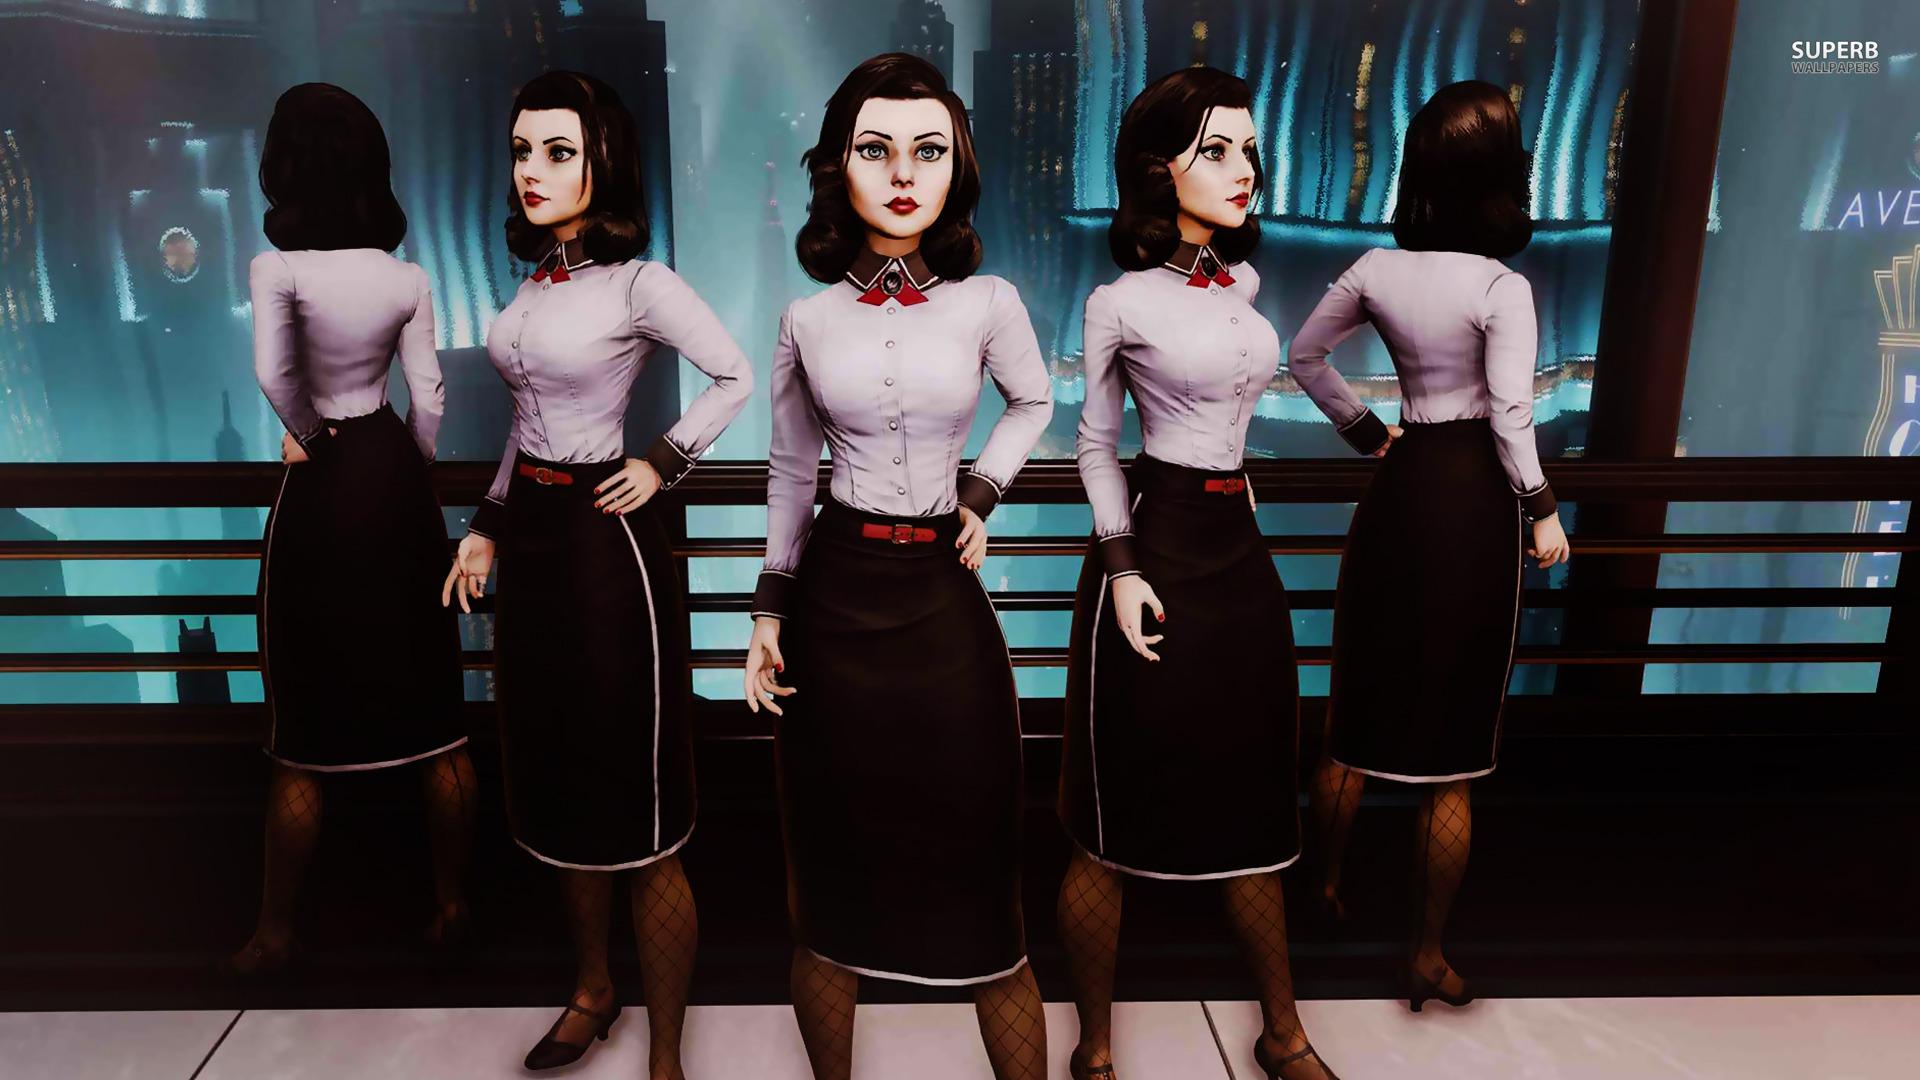 Elizabeth Concept Character HD Wallpaper